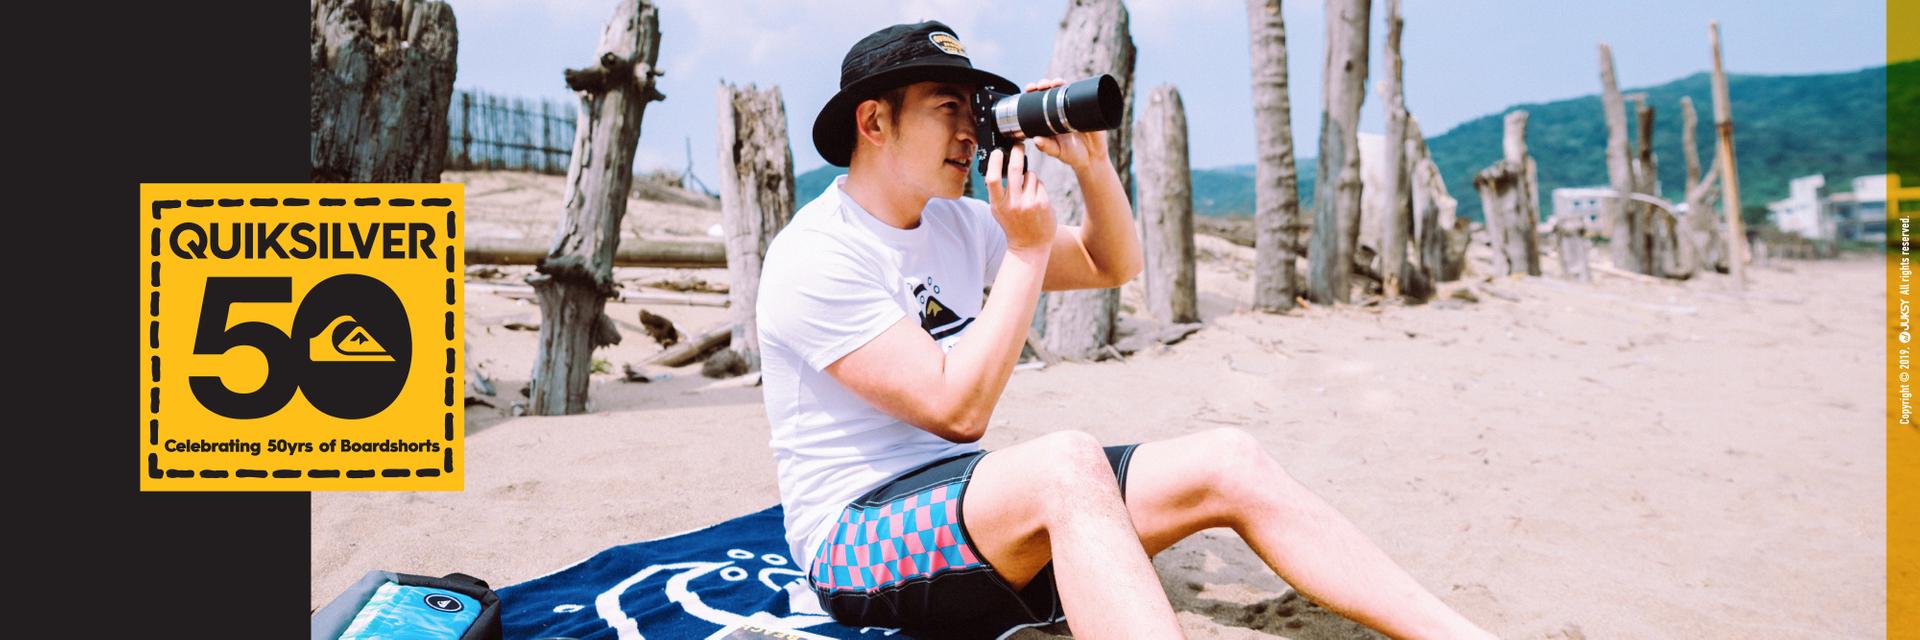 強勢飆浪|專訪陽光班長趙駿亞,大展 QUIKSILVER 冒險精神,乘風破浪沒在怕!